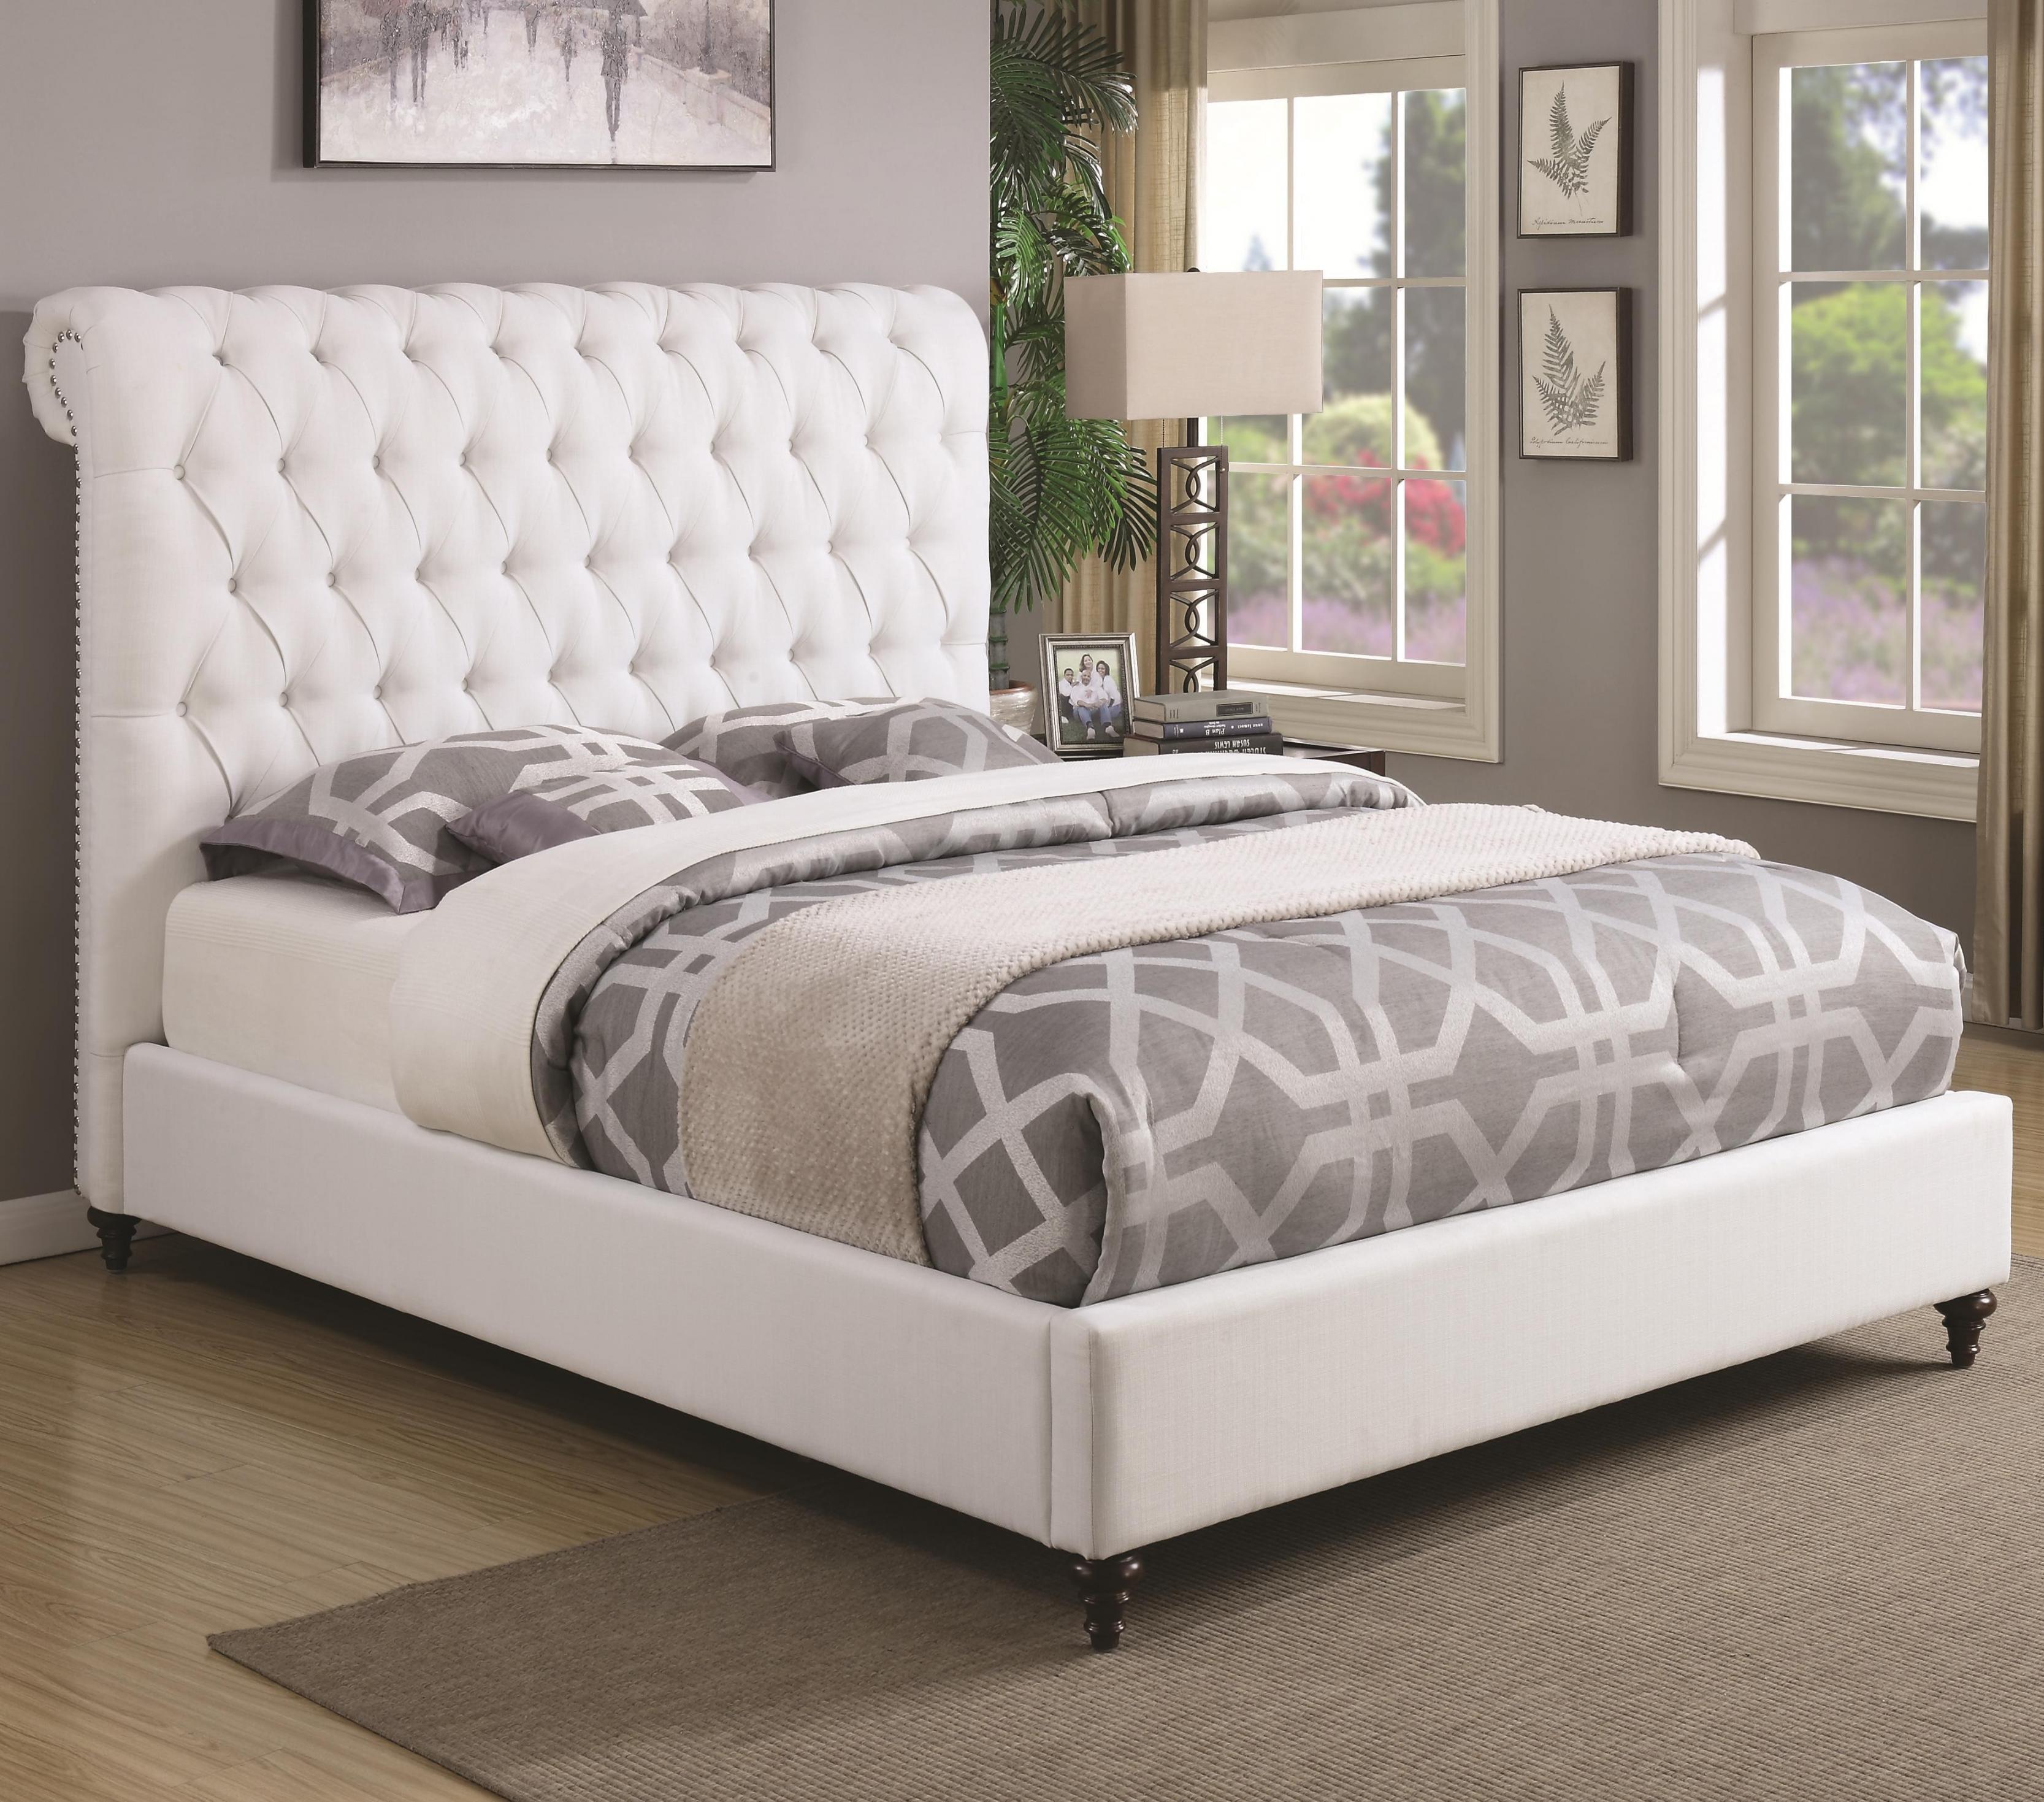 اسماء غرف النوم واشكالها , اجمل صور ديكور غرف نوم بيضاء